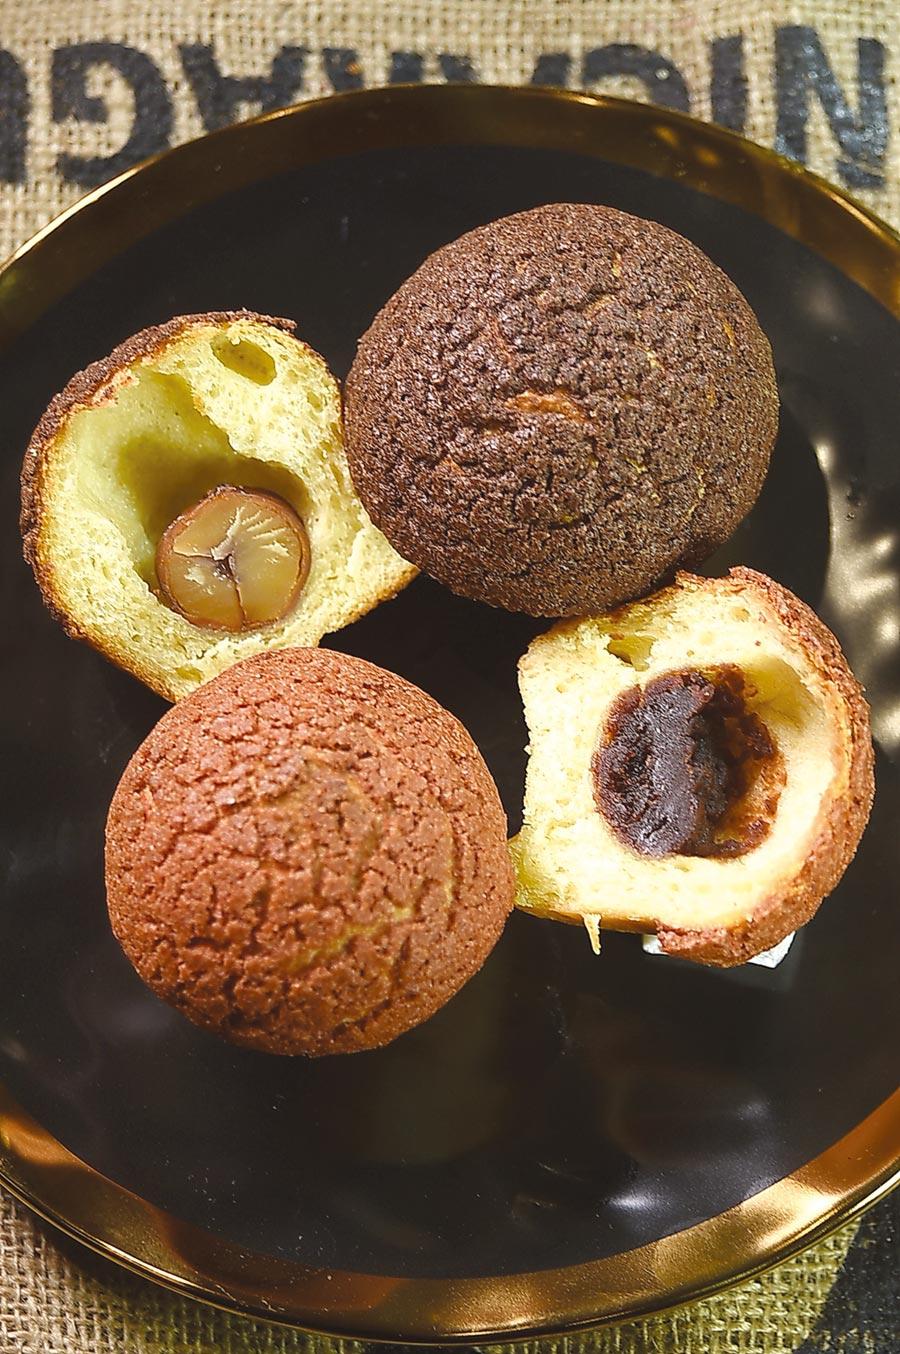 蘑菇麵包中各自有餡,〈紅蘑菇〉內餡是紅豆沙,〈黑蘑菇〉內則包著一整顆栗子。圖/姚舜